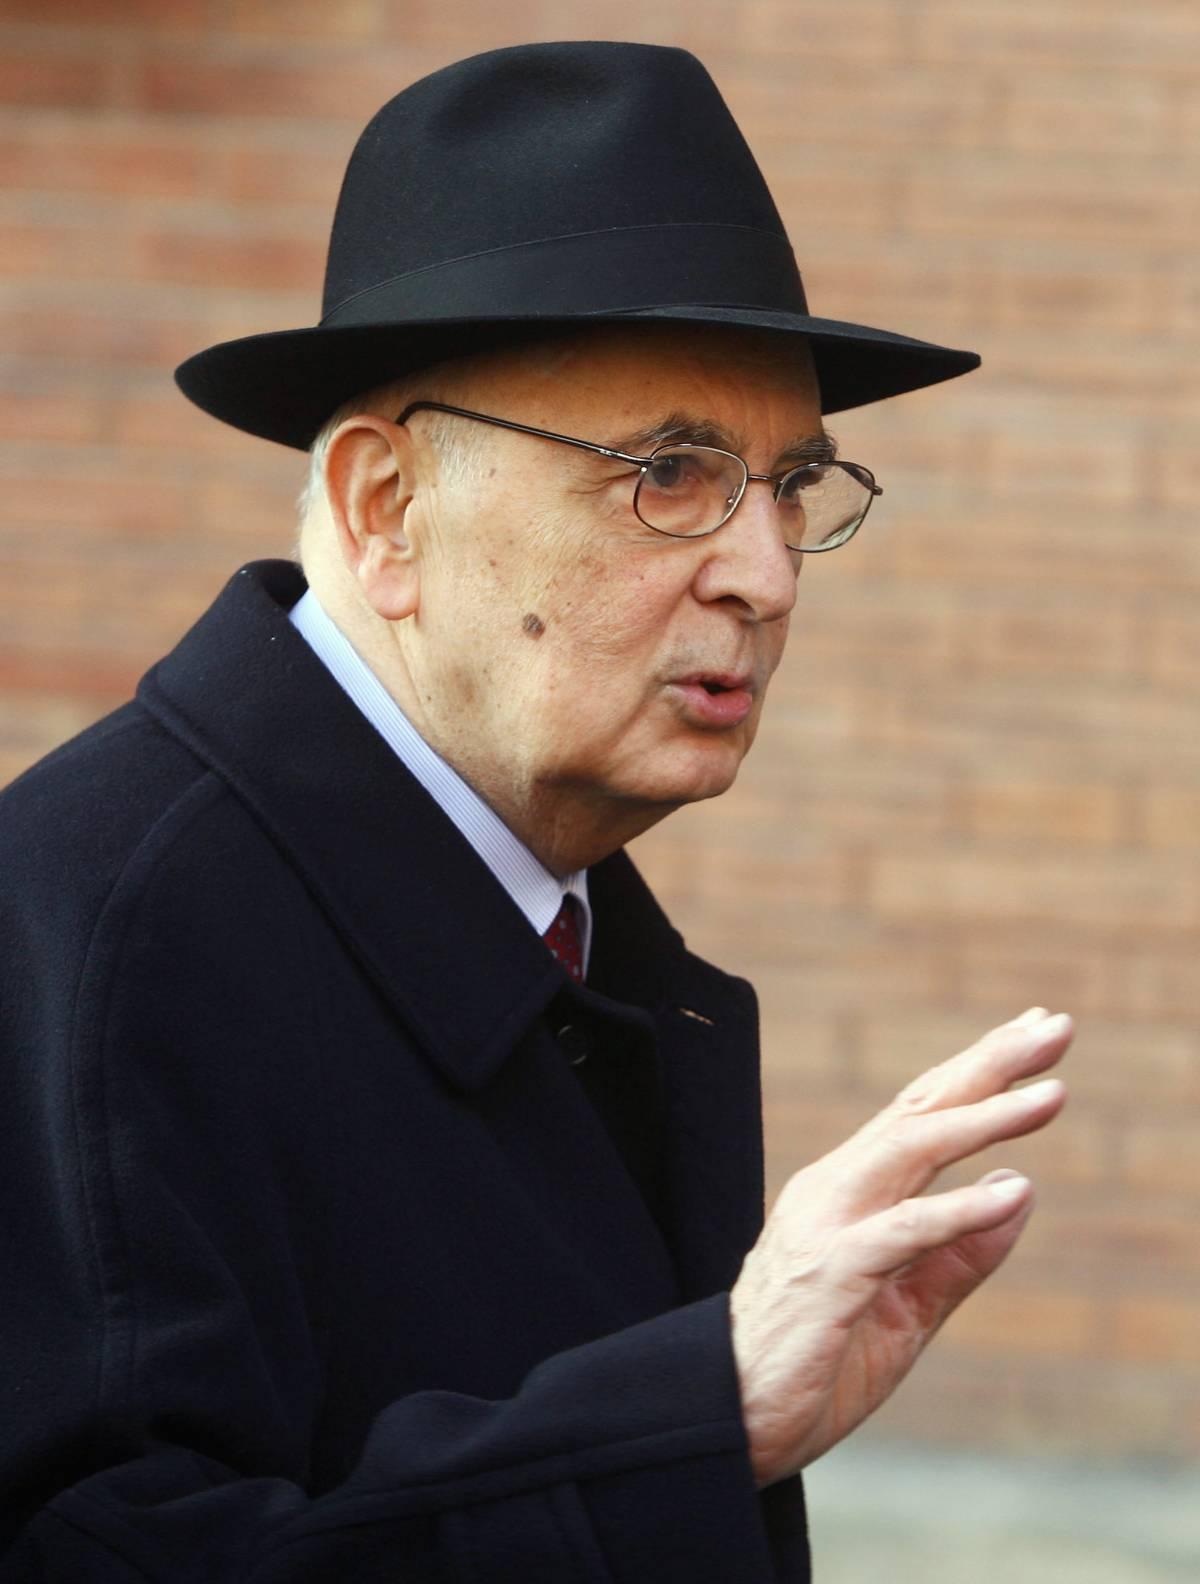 L'amarezza di Napolitano: a vuoto i miei appelli